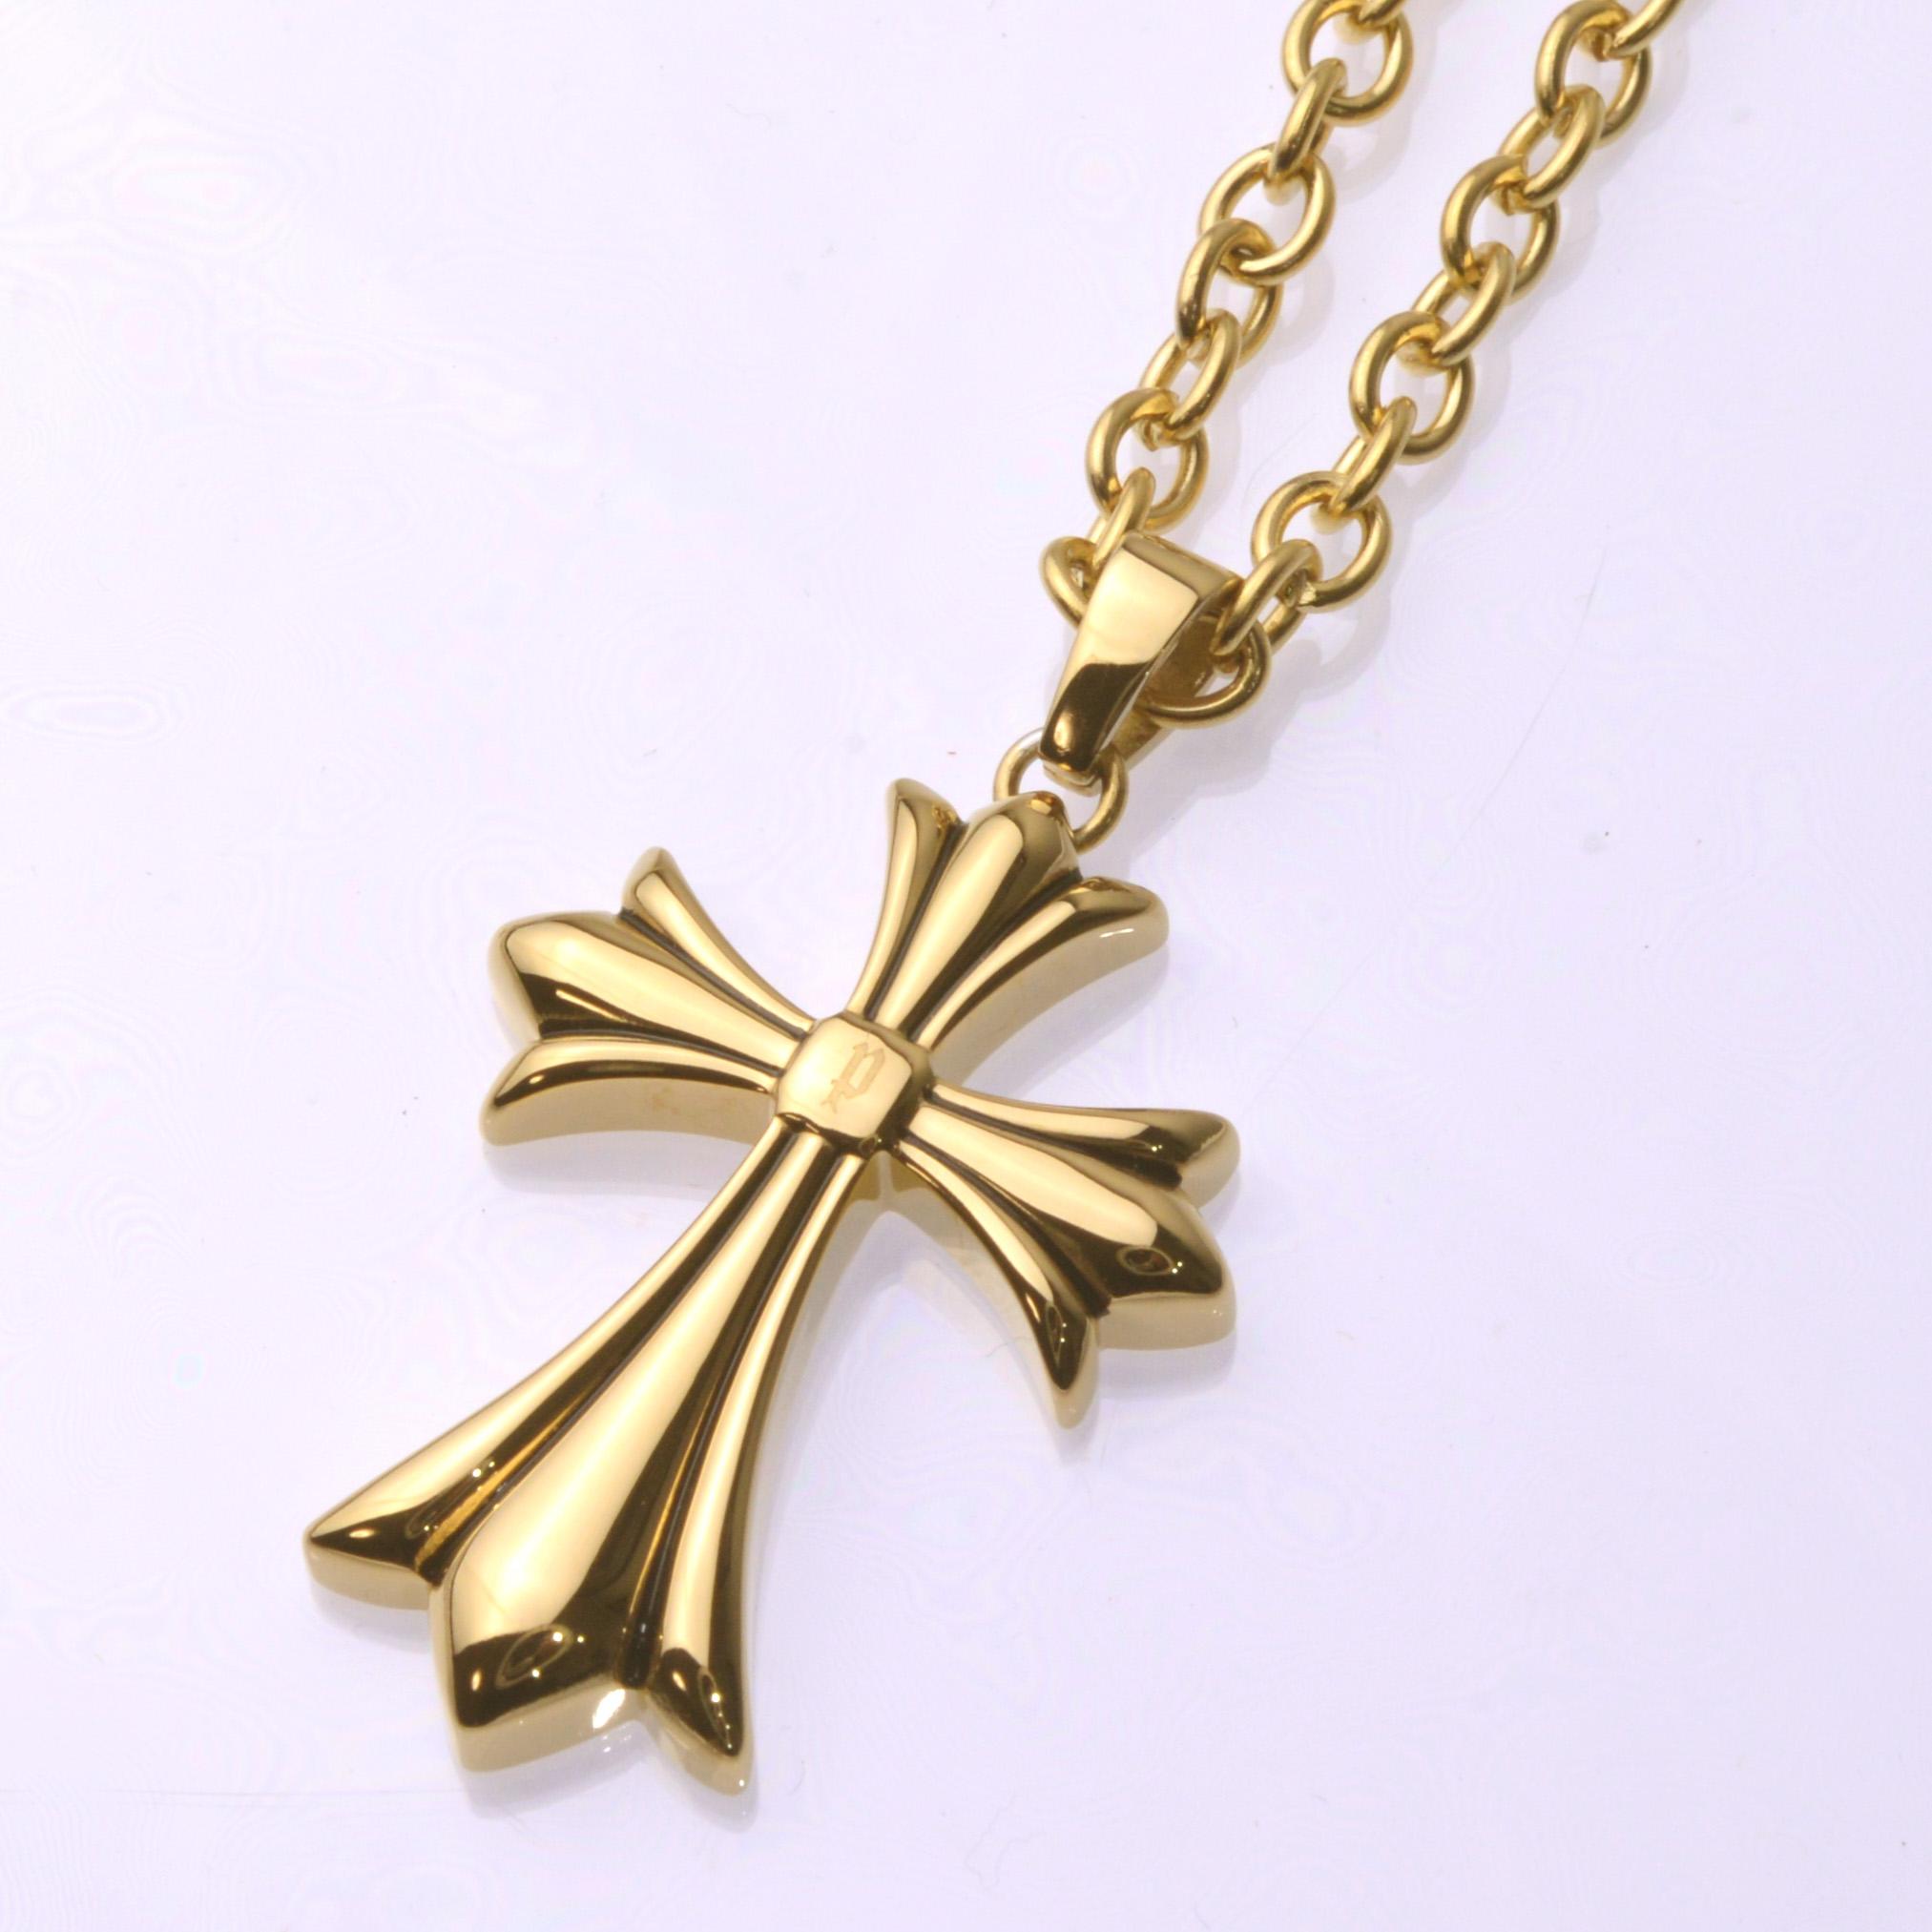 ポリス ネックレス 十字架 GRACEゴールド 【25154PSG02】